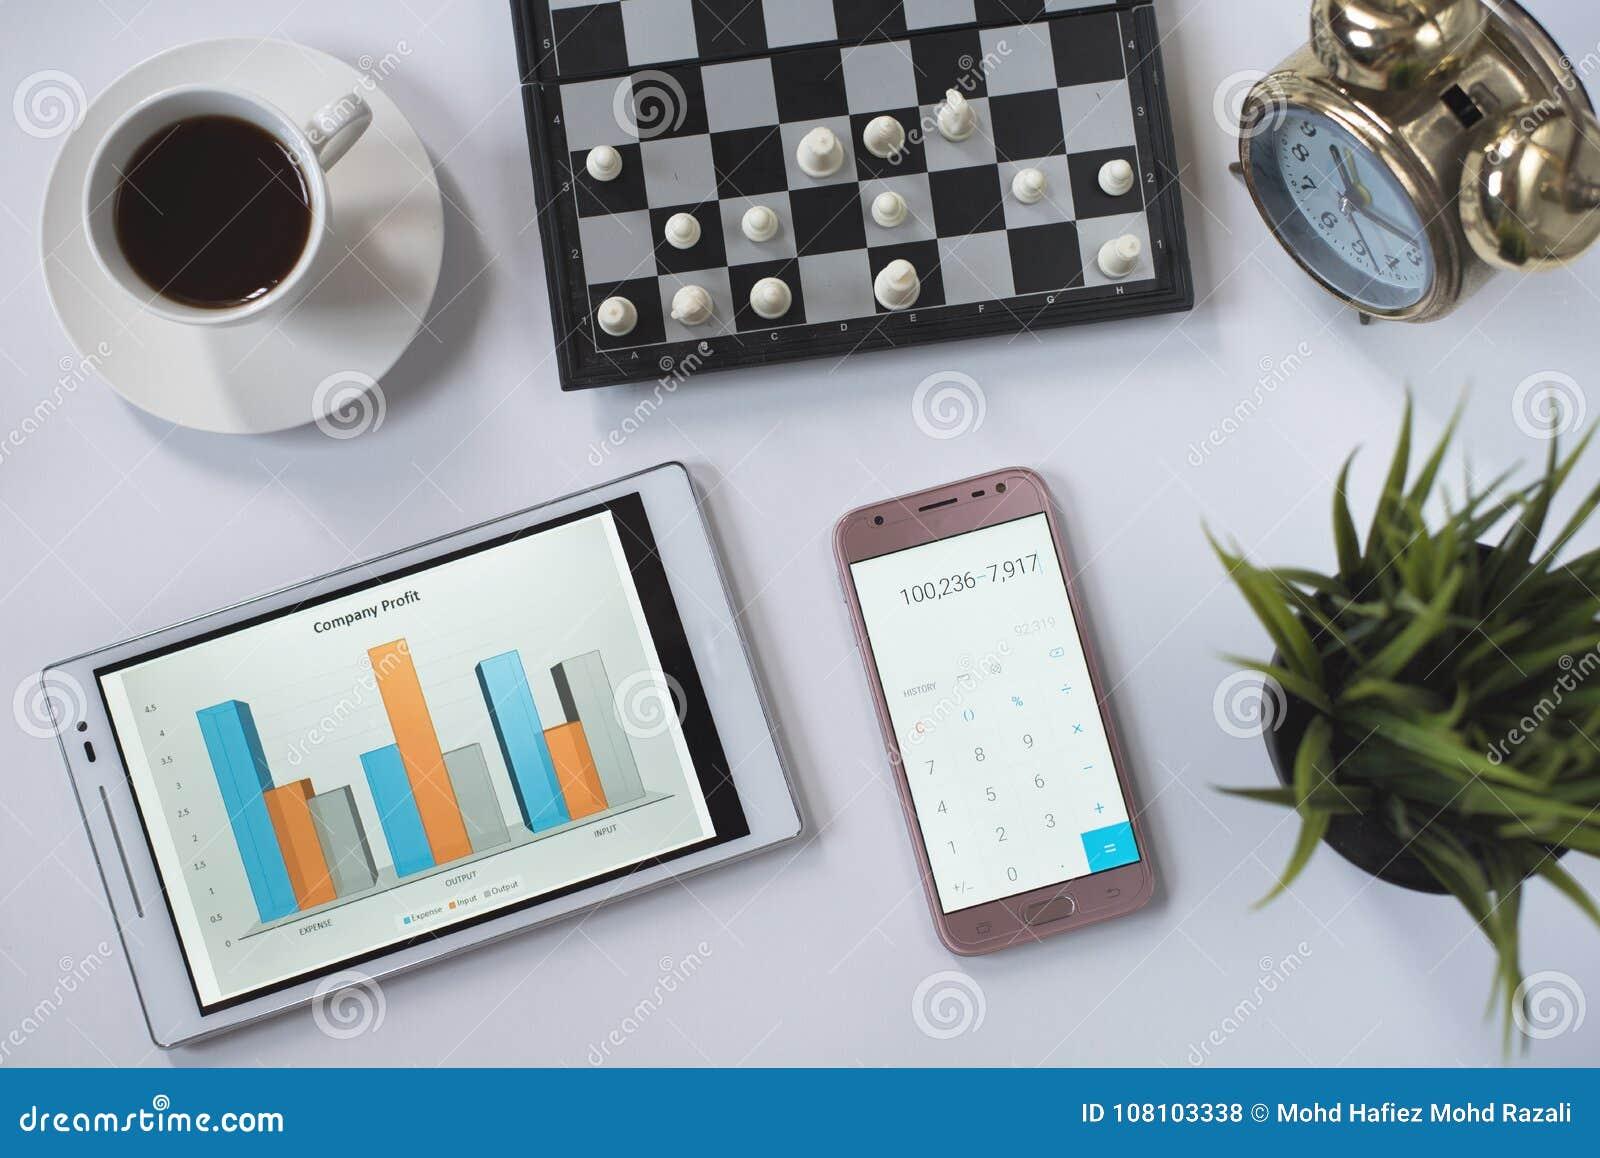 Kaffee, Schach, Telefon, Uhr und Digital-Tablet mit Geschäftsdiagramm auf weißer Ebenenlage